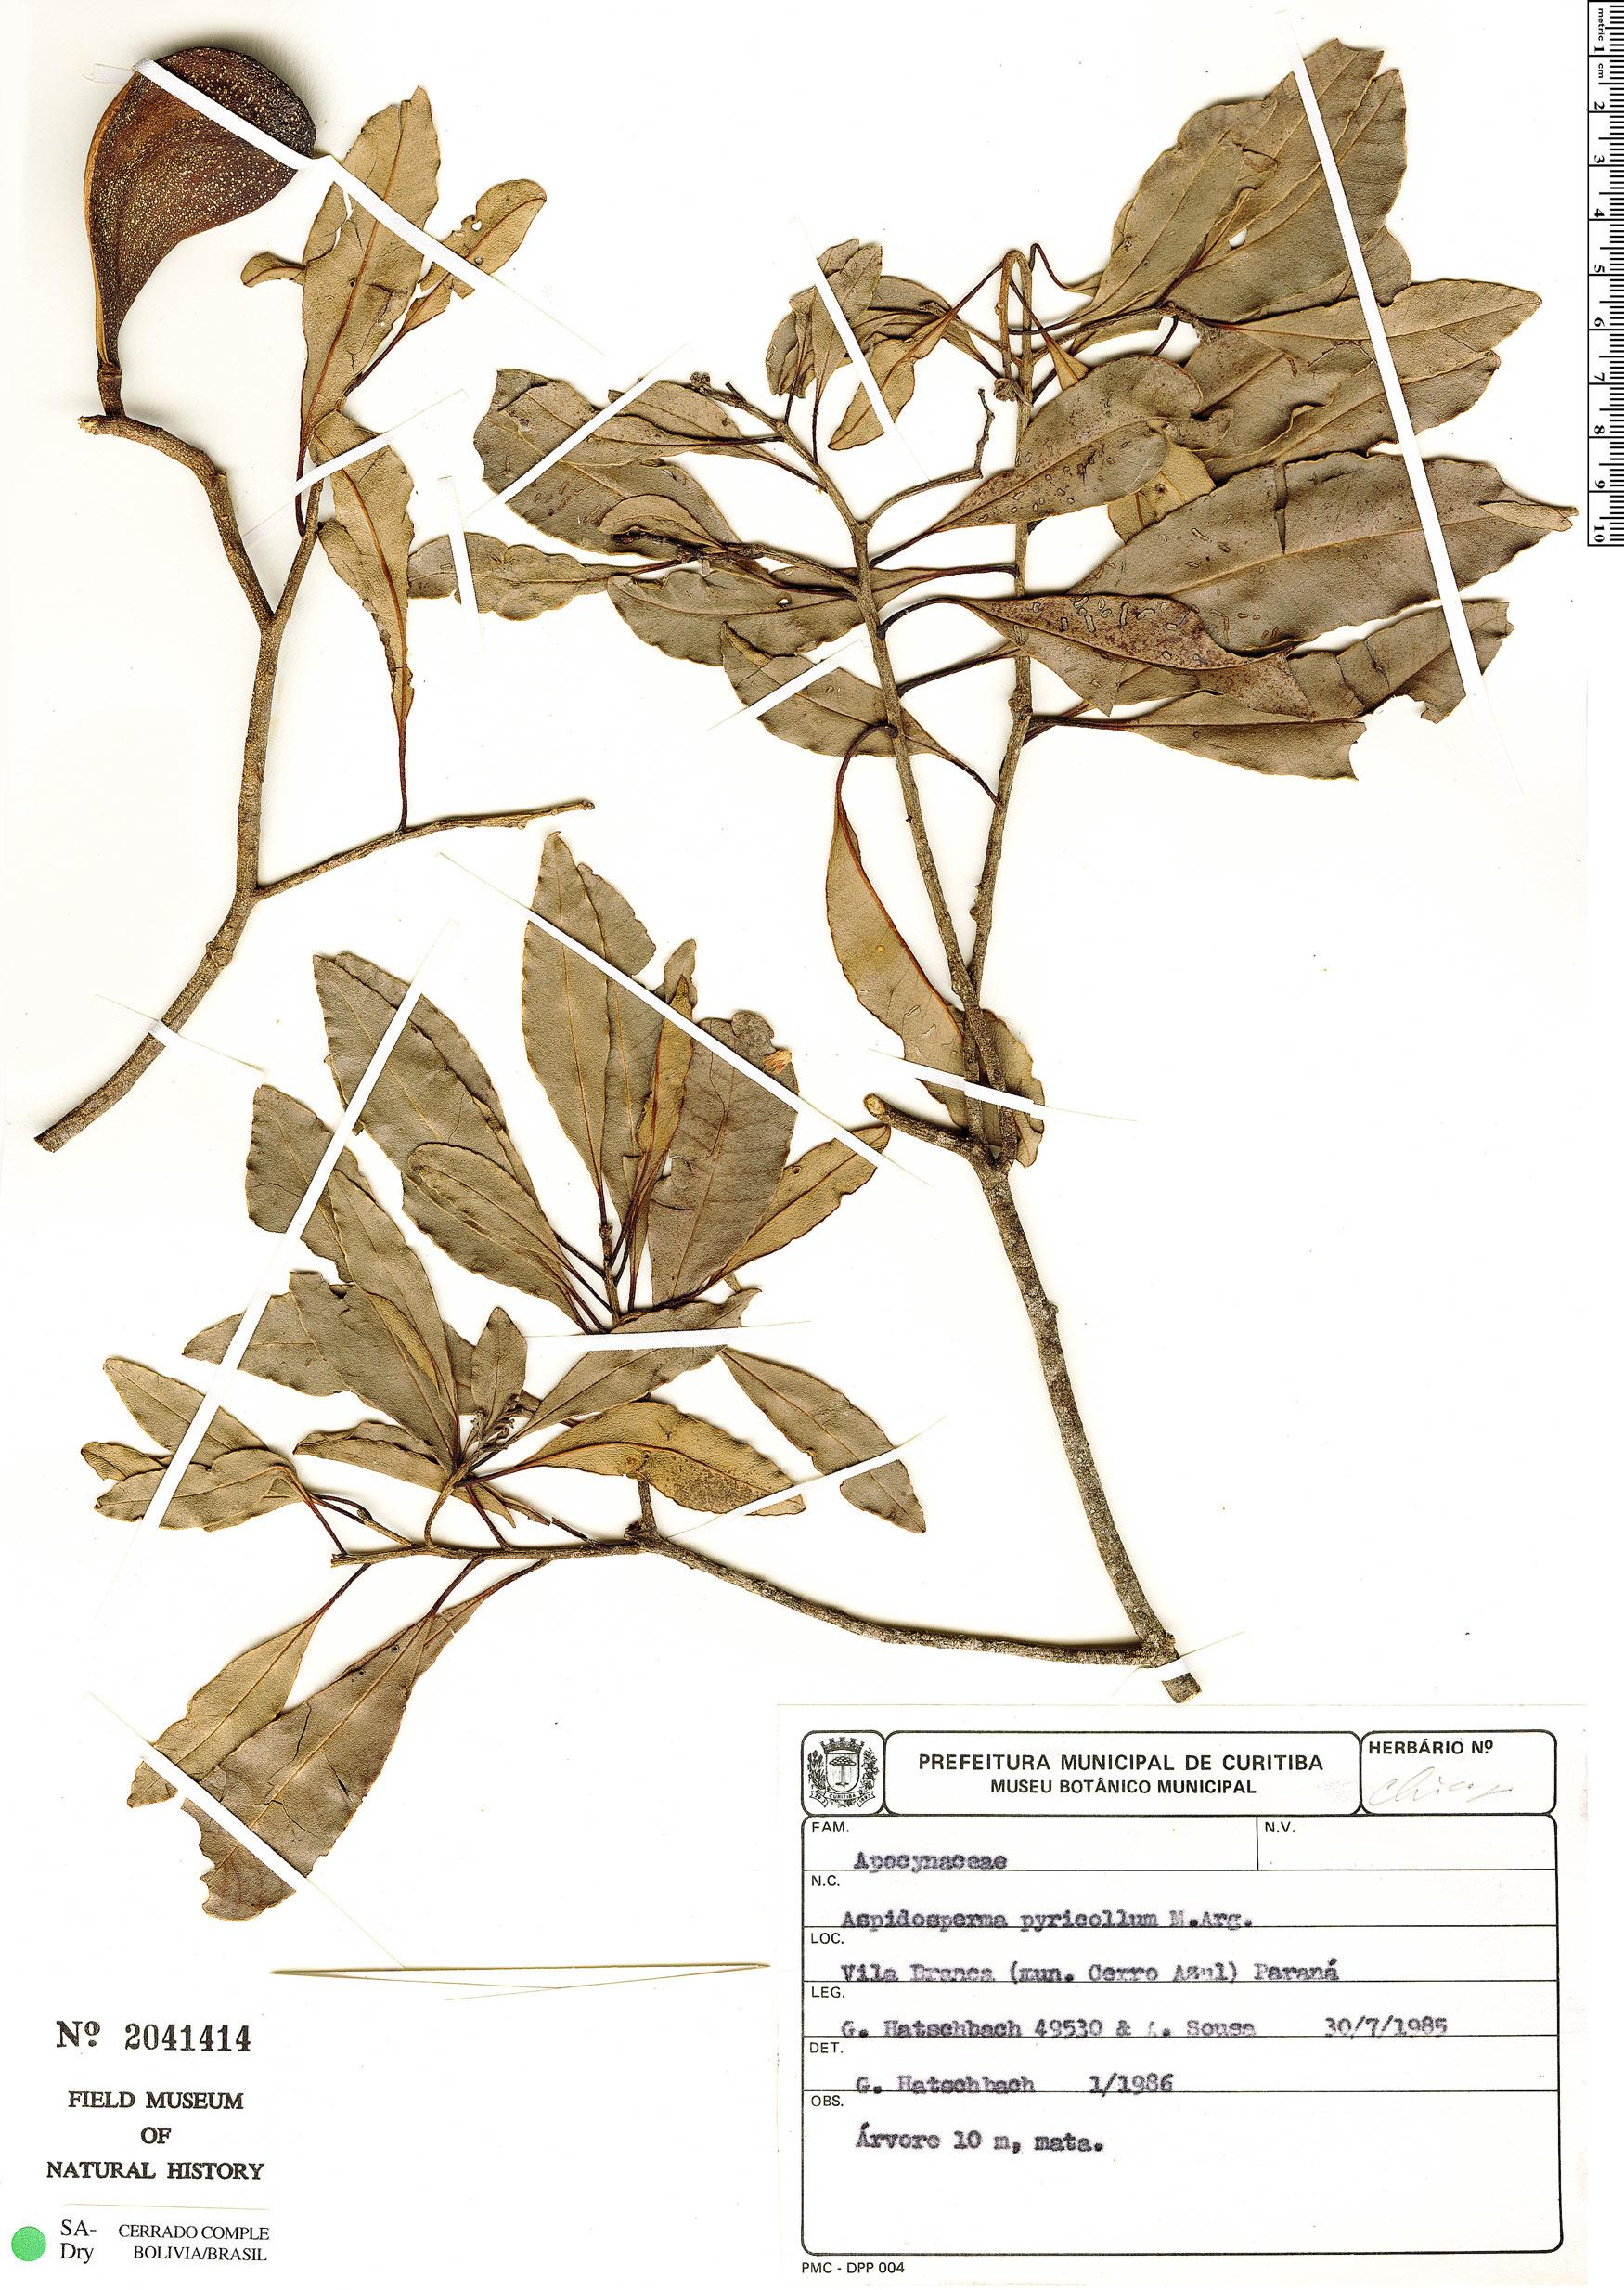 Specimen: Aspidosperma pyricollum